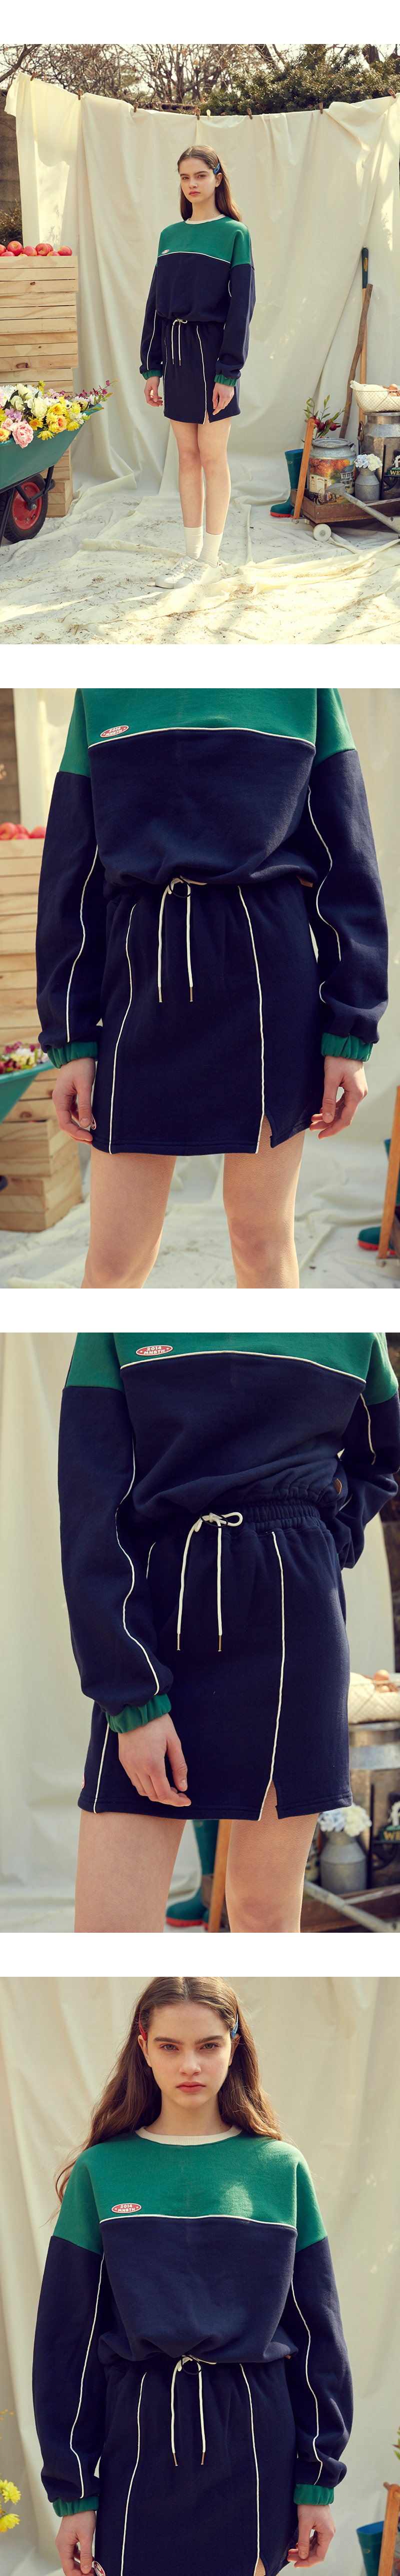 메인부스(MAINBOOTH) 9S Piping Skirt